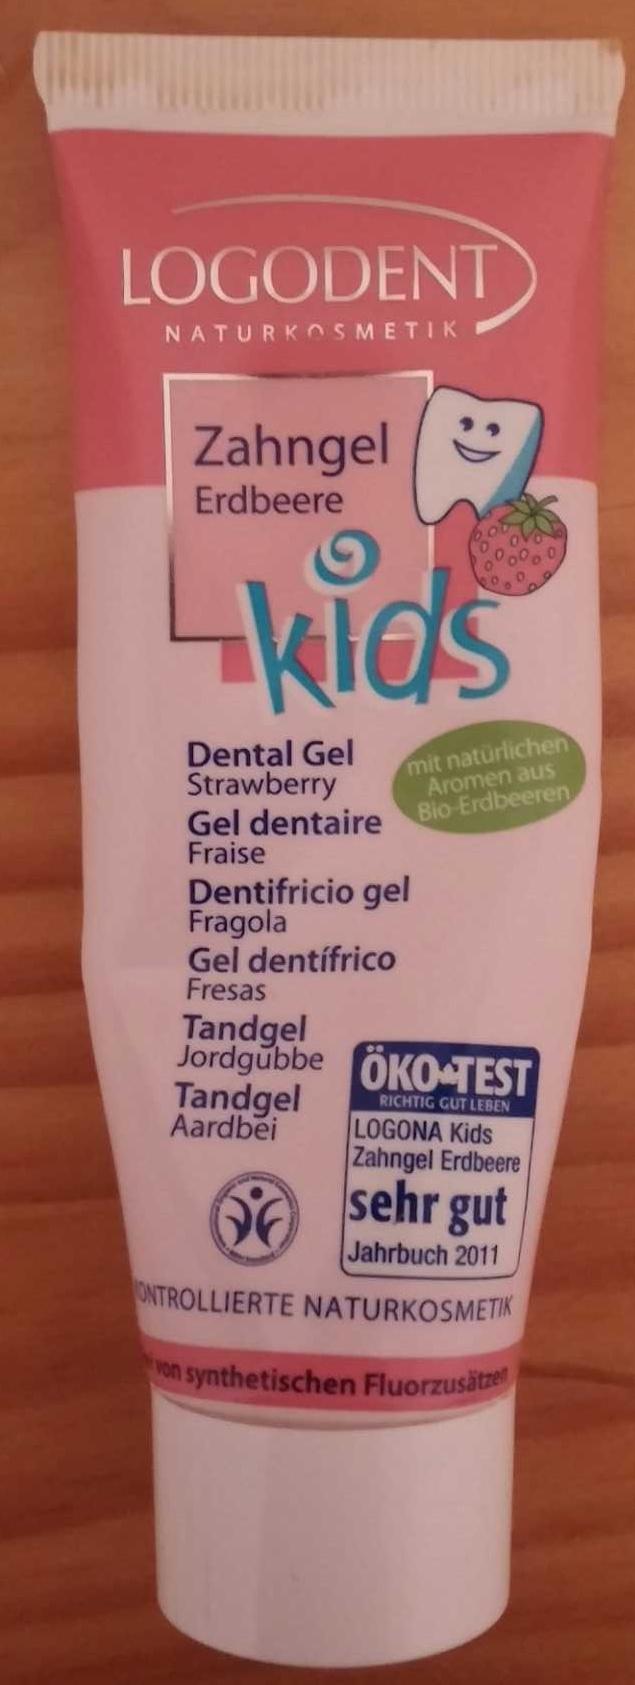 Gel dentaire fraise - Produit